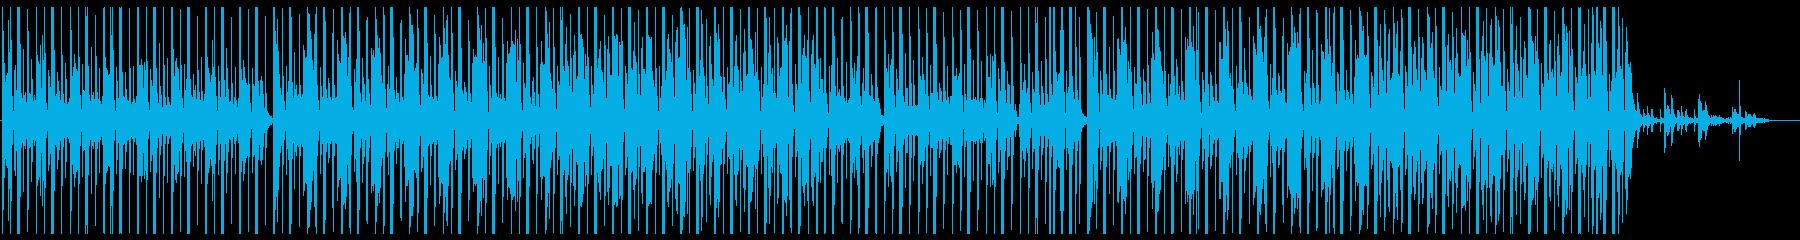 お洒落なチルアウト系ヒップホップの再生済みの波形